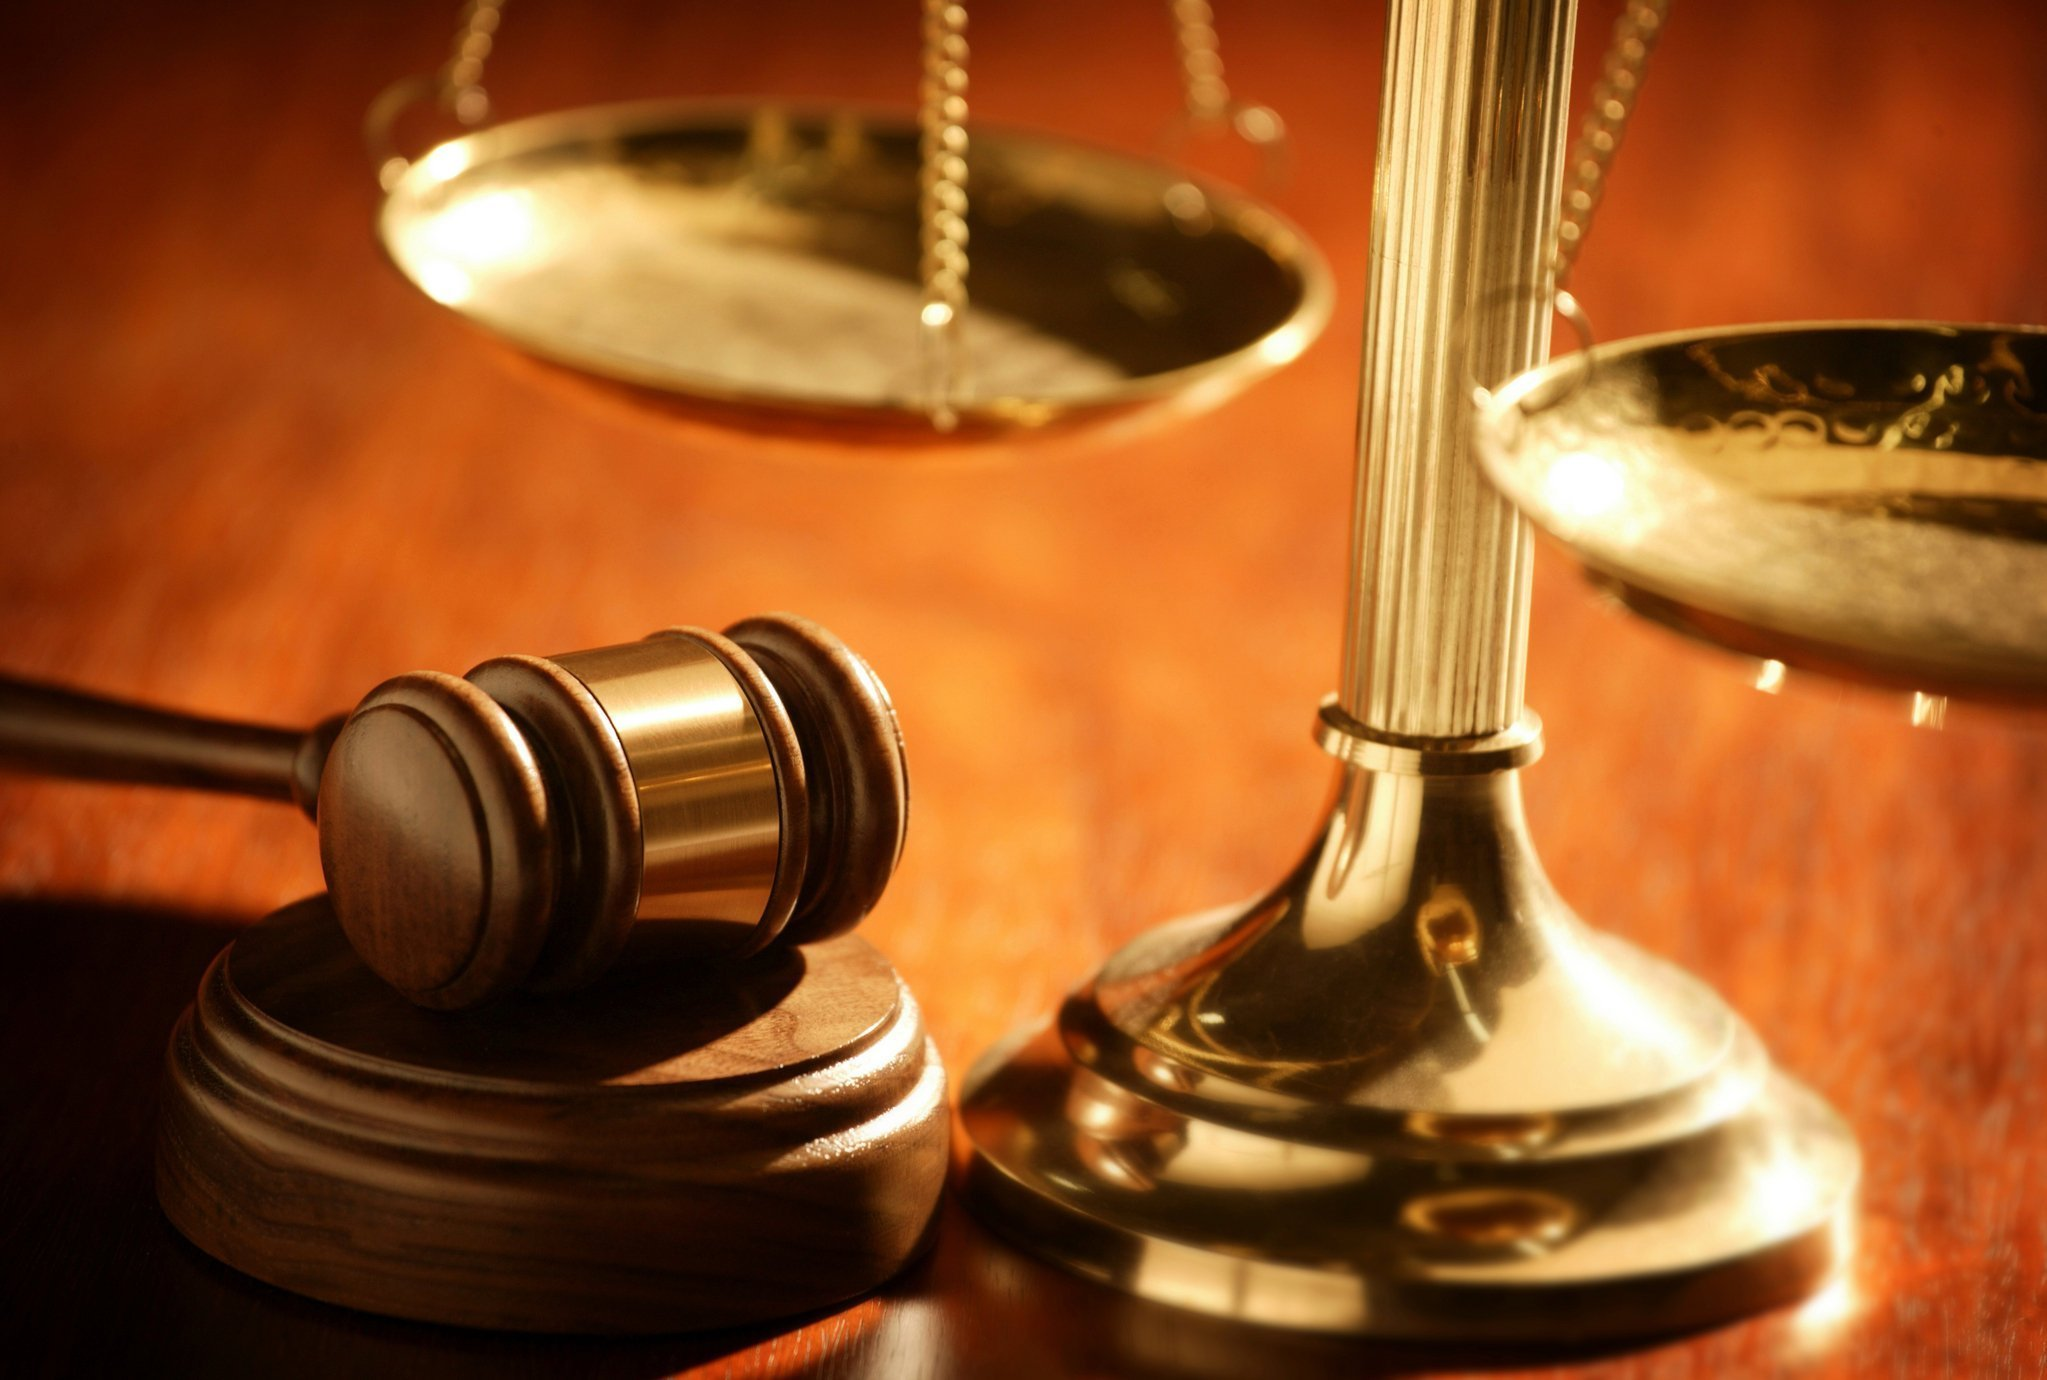 Образец ходатайства о правопреемстве. Заявление о процессуальном правопреемстве в арбитражный суд образец